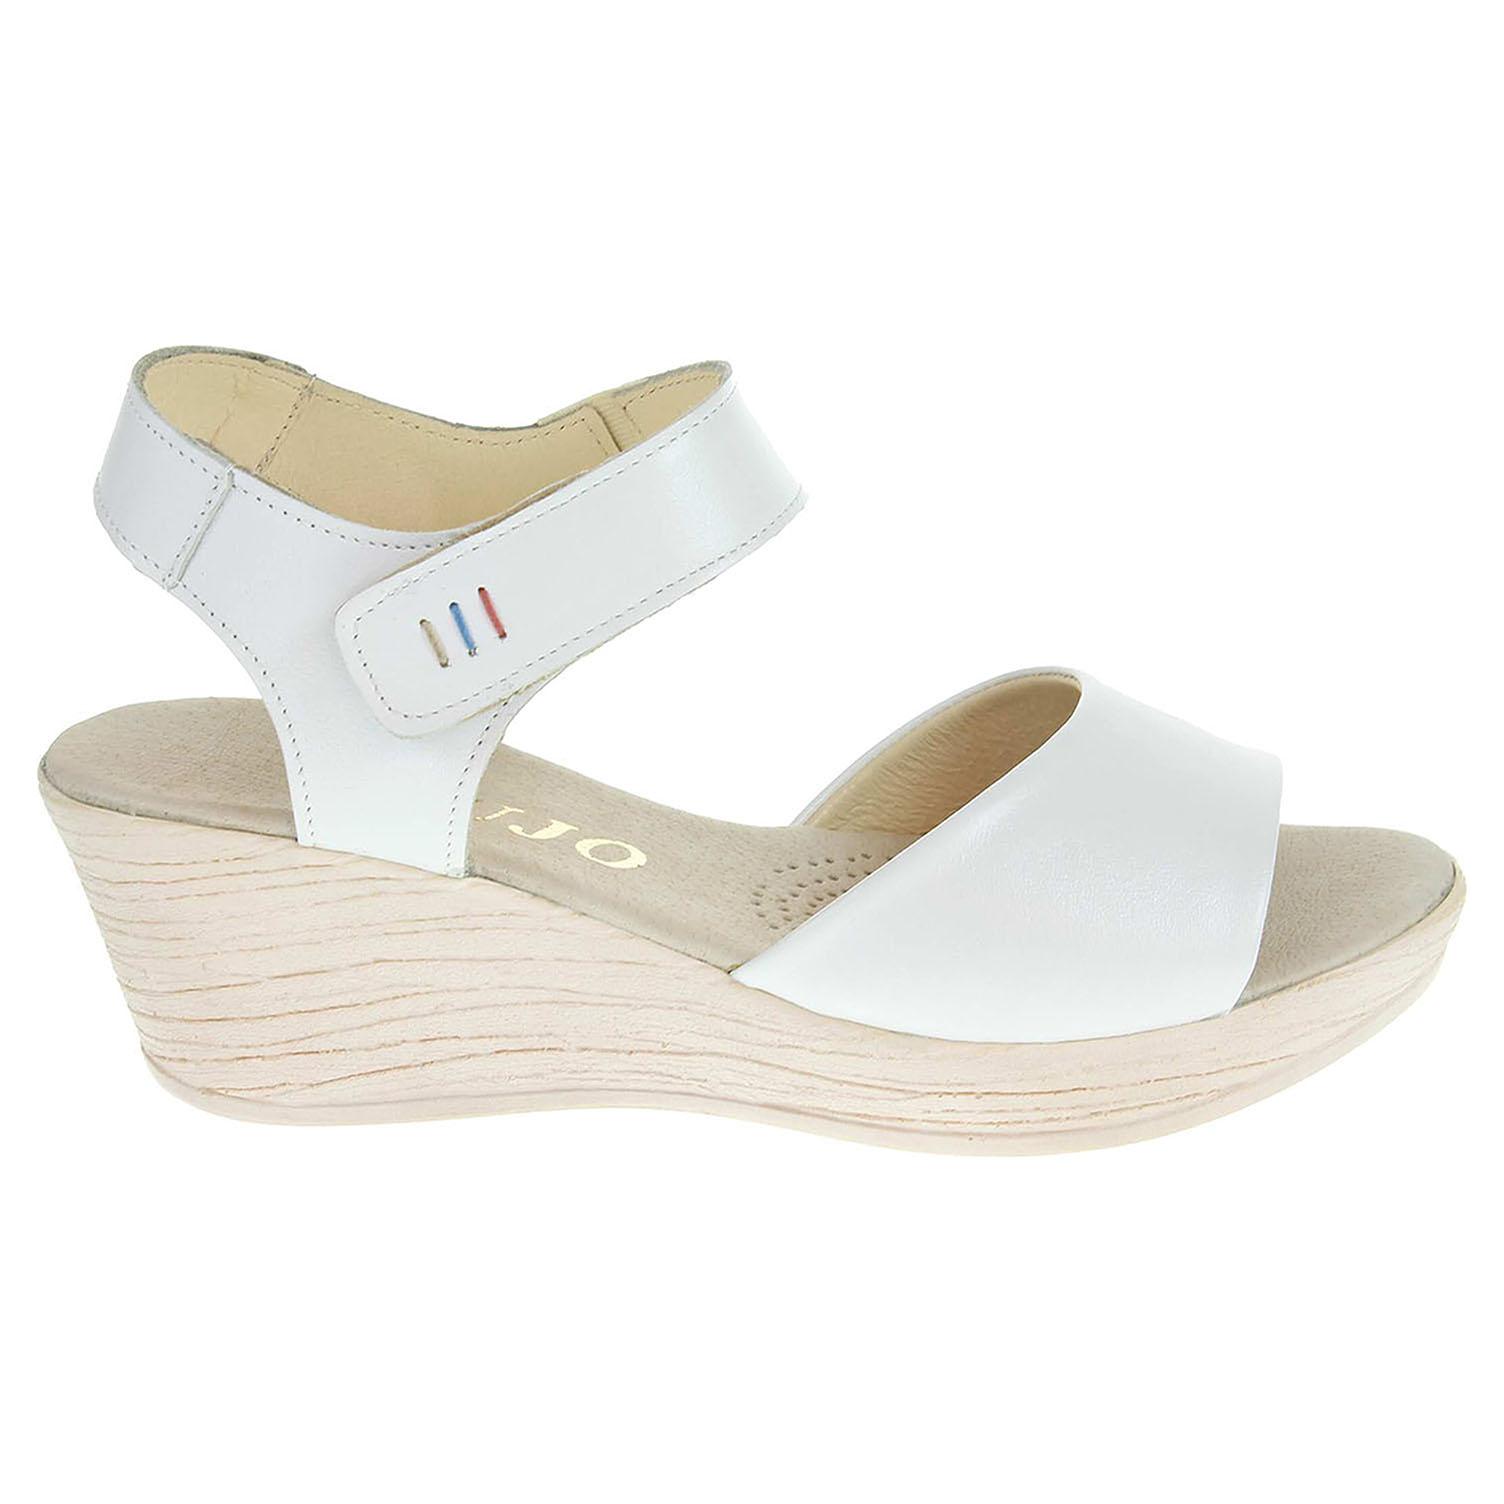 Dámské sandály J3462 bílé 41